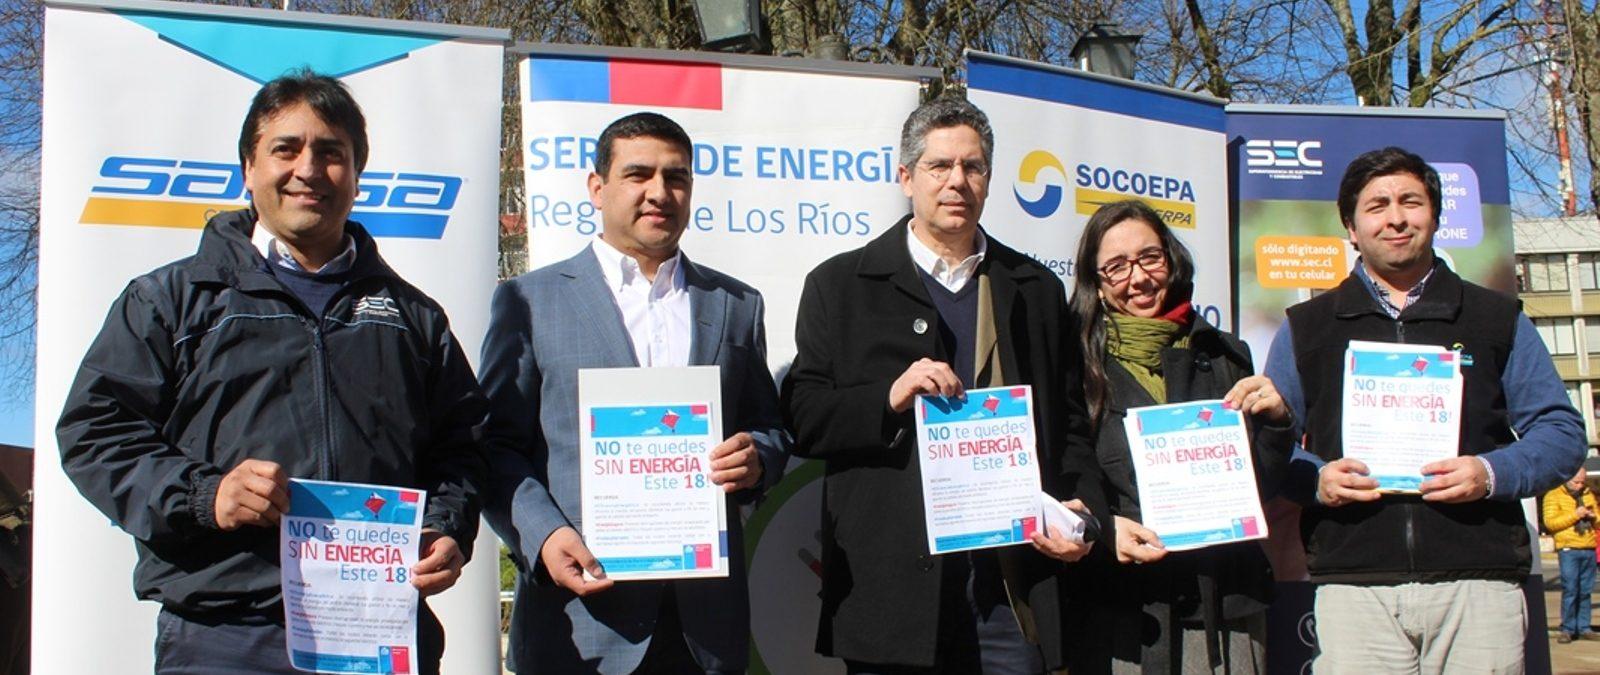 Lanzan campaña para evitar accidentes y uso ineficiente de Energía durante Fiestas Patrias